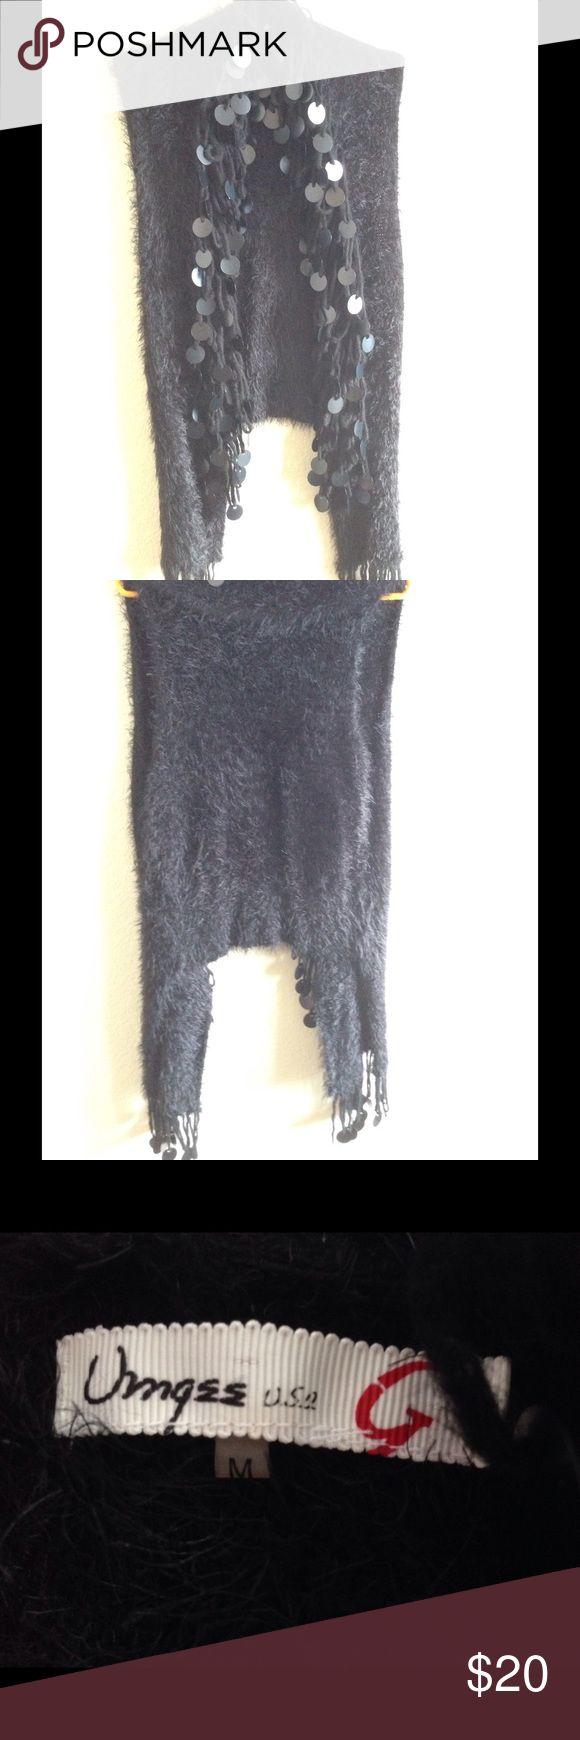 Fringe vest Fringe vest with discs on tassel. Black one size fits all. Umgee Tops